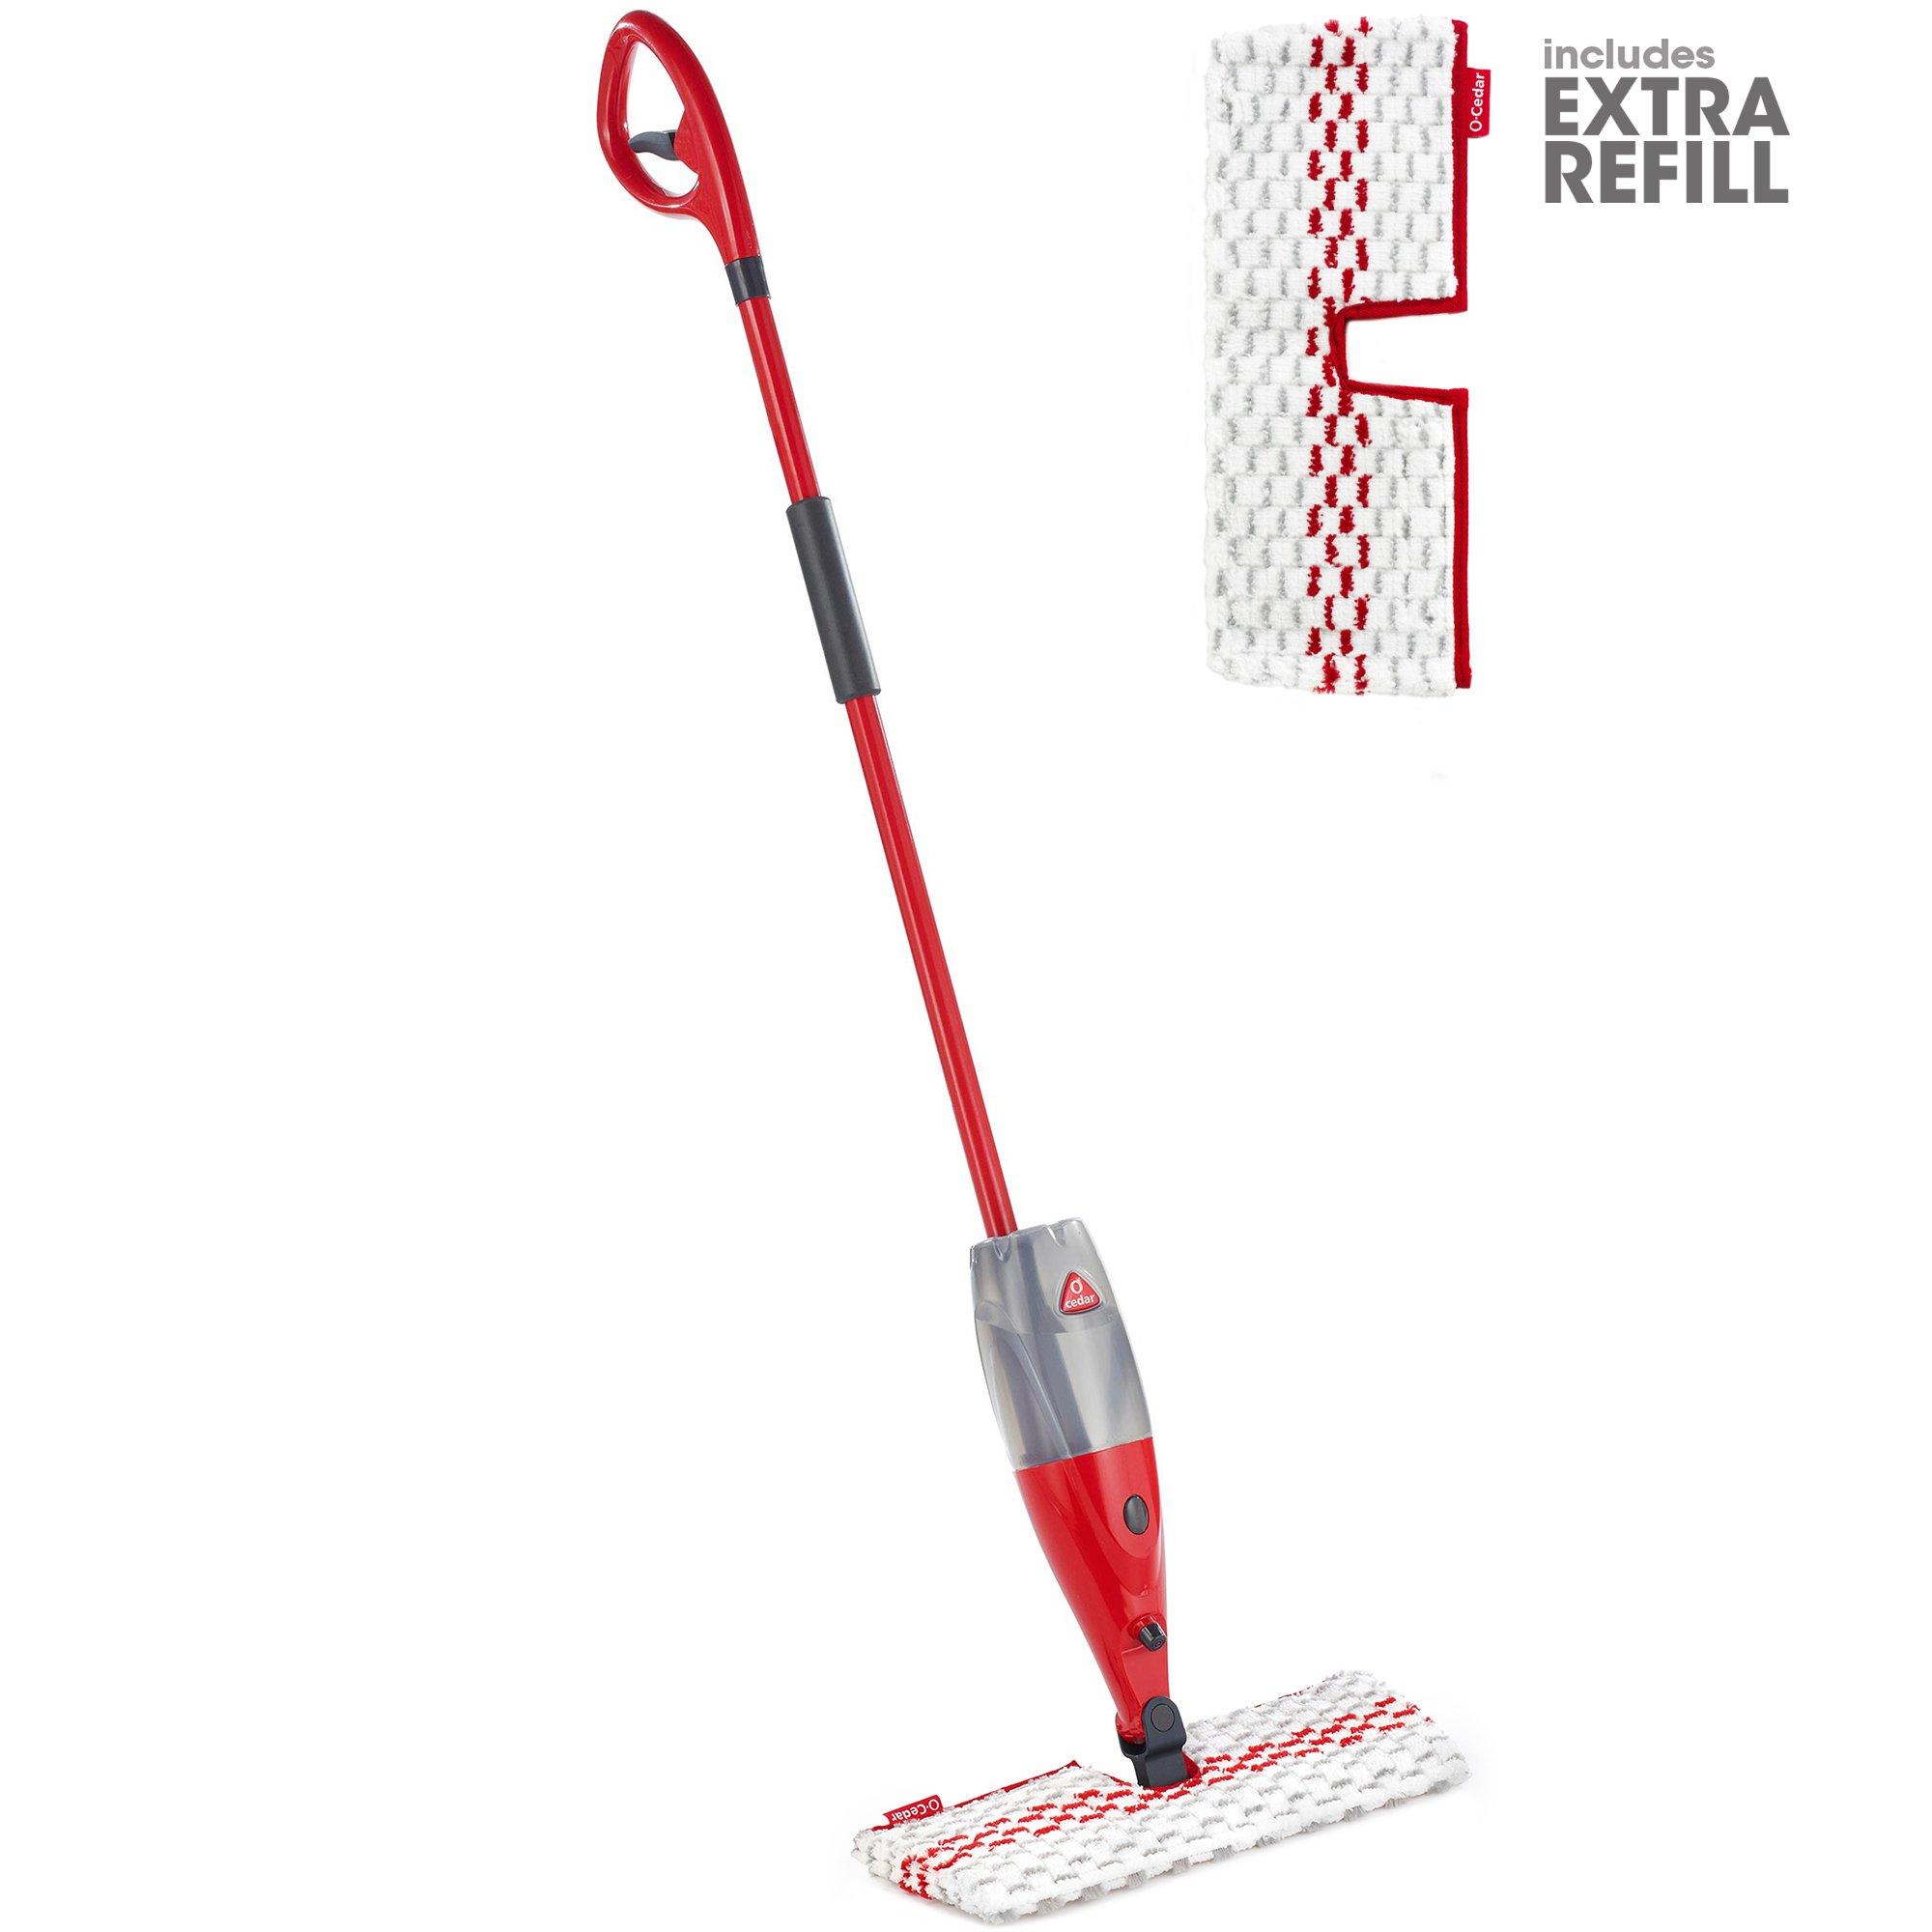 O-Cedar Promist Max, Spray Mop with 1 Extra Refill by O-Cedar